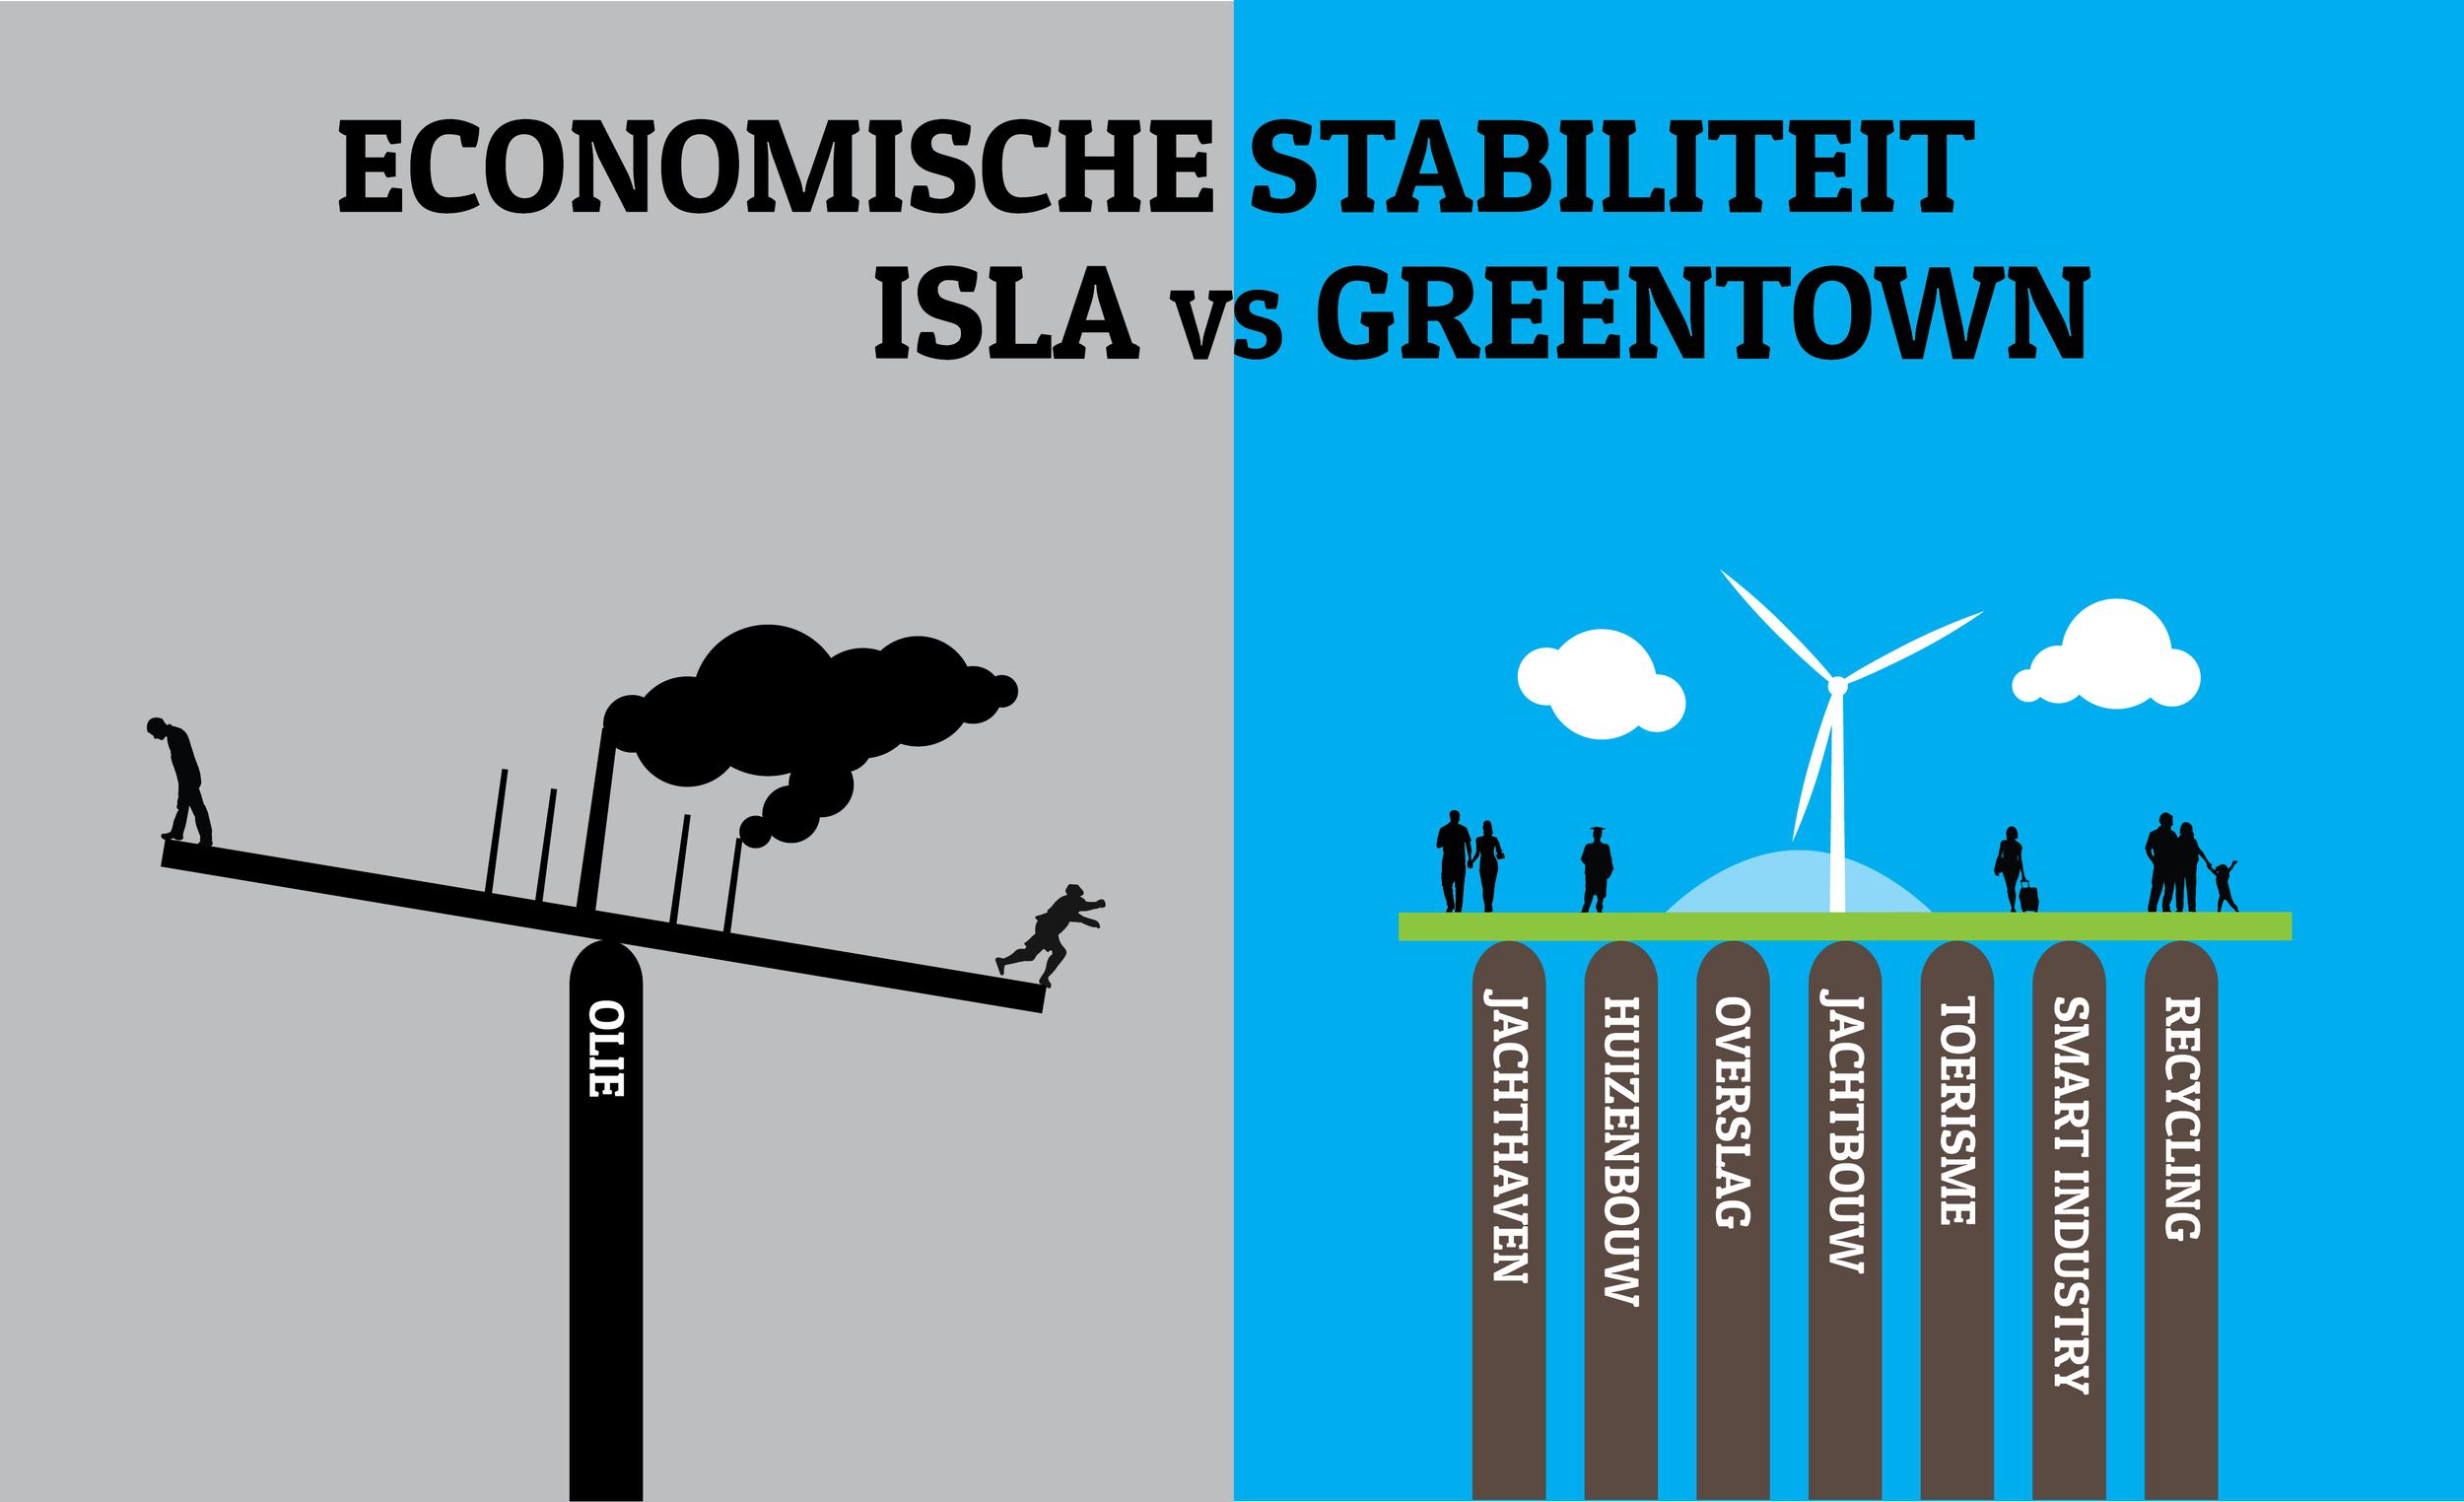 Uitwerking van een serie cartoons over de transitie van de Curacaose economie van oliegedreven naar duurzaam, in opdracht van de Greentown Development Company.